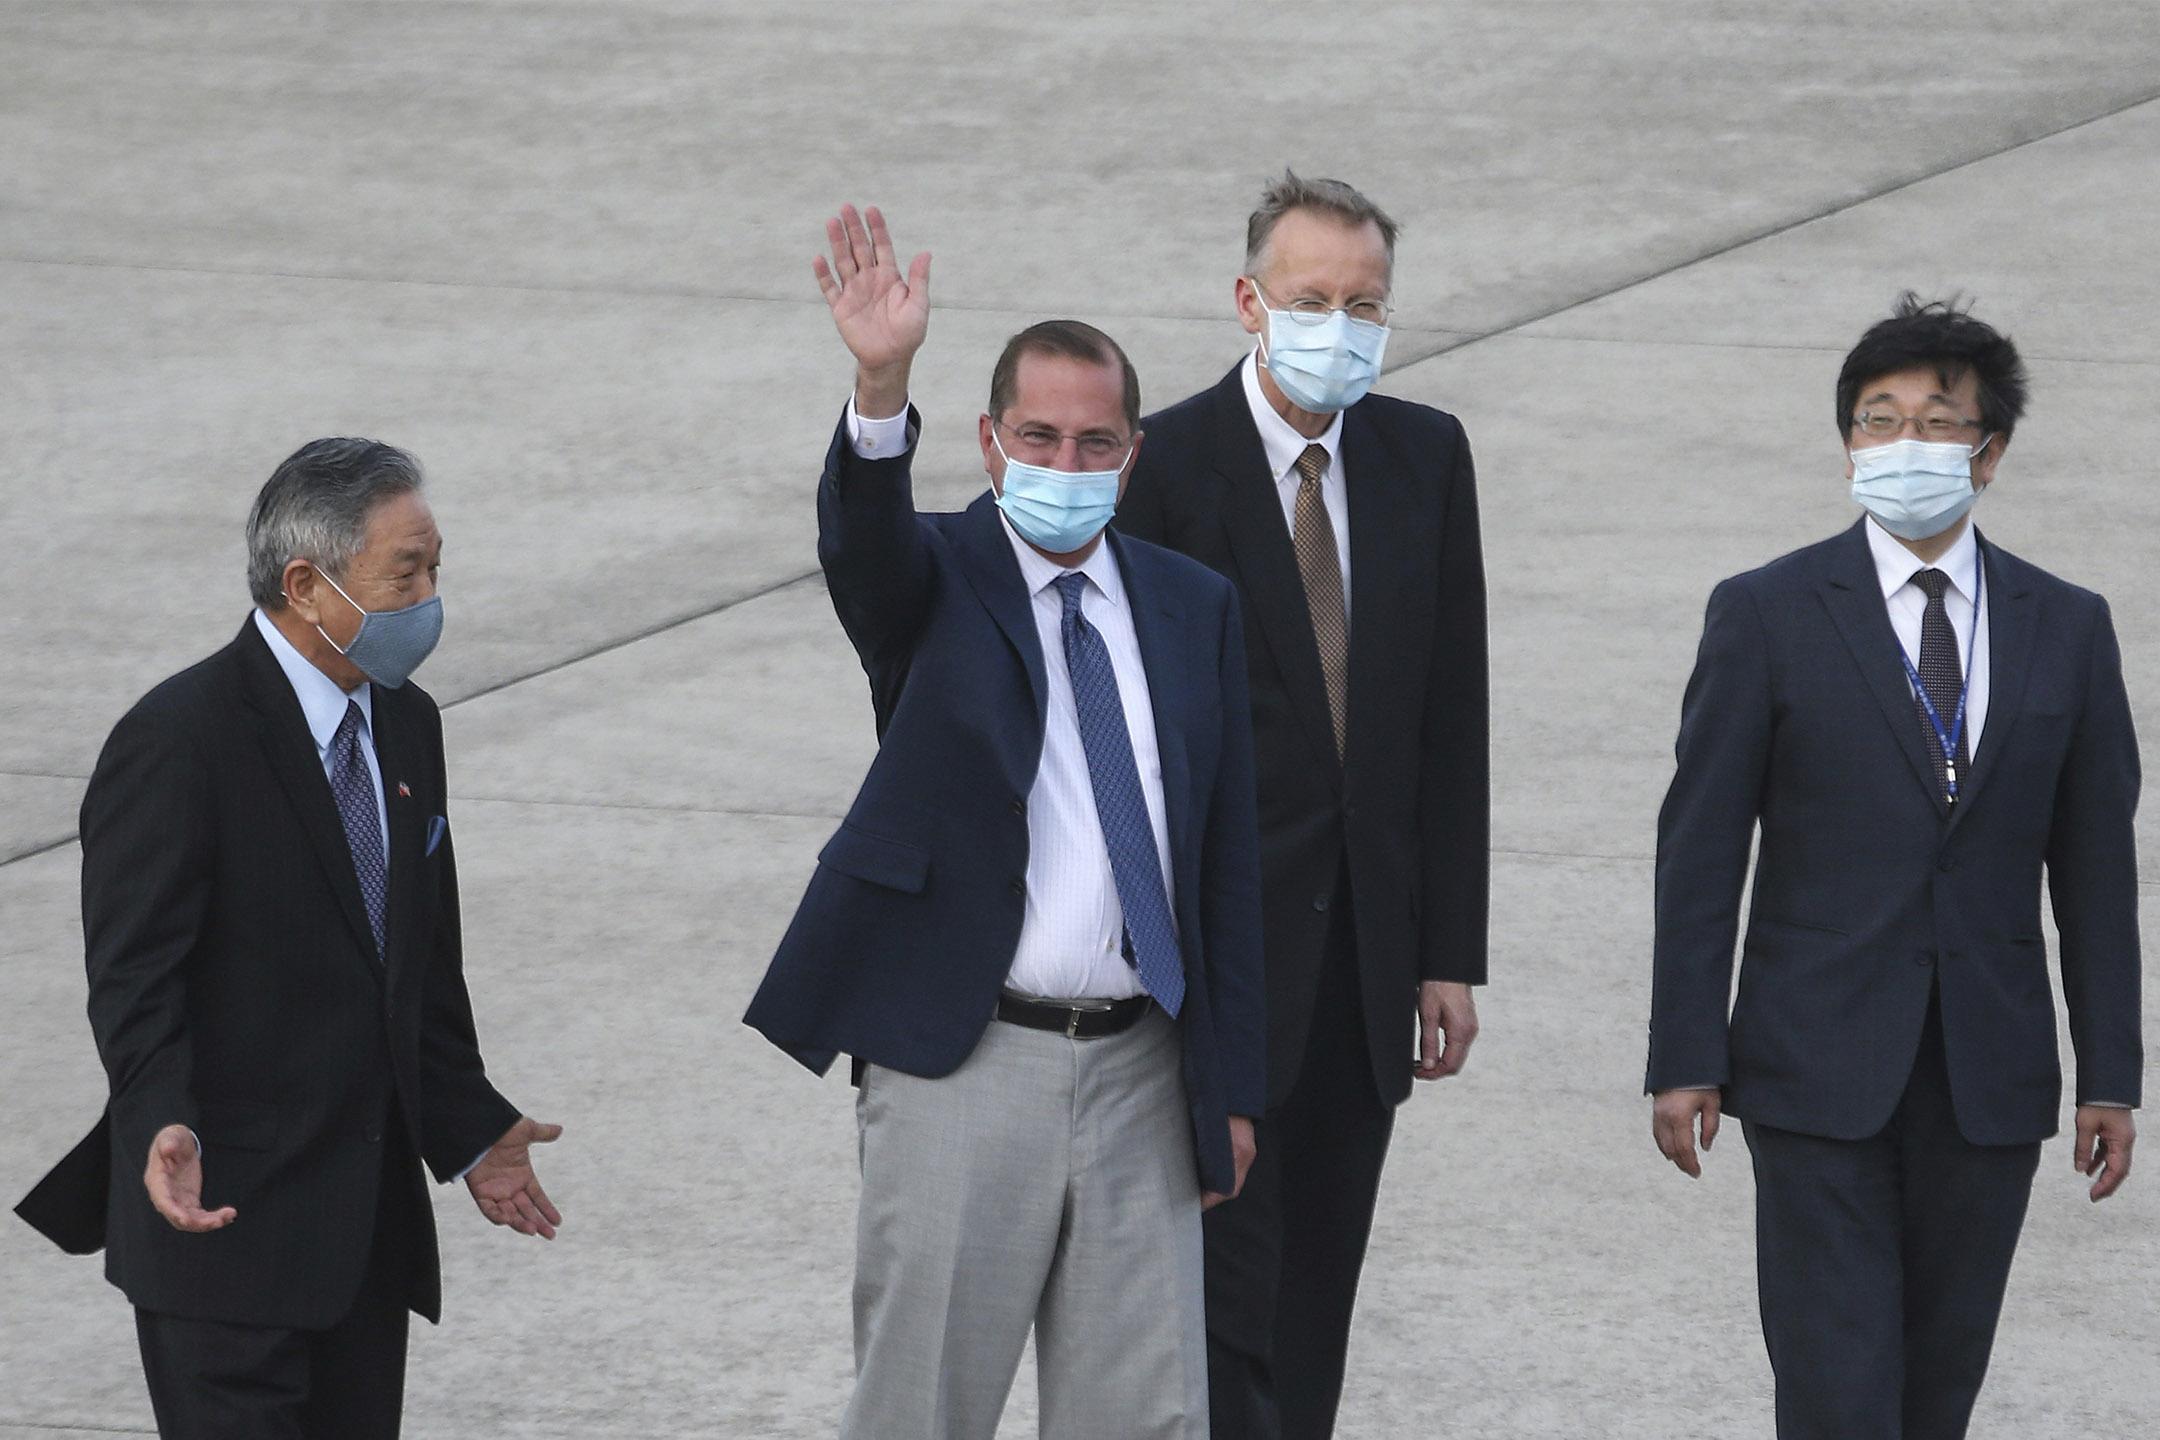 2020年8月9日,美國衛生及公共服務部部長亞歷克斯·阿薩爾(Alex Azar)到達台北松山機場並向媒體揮手。